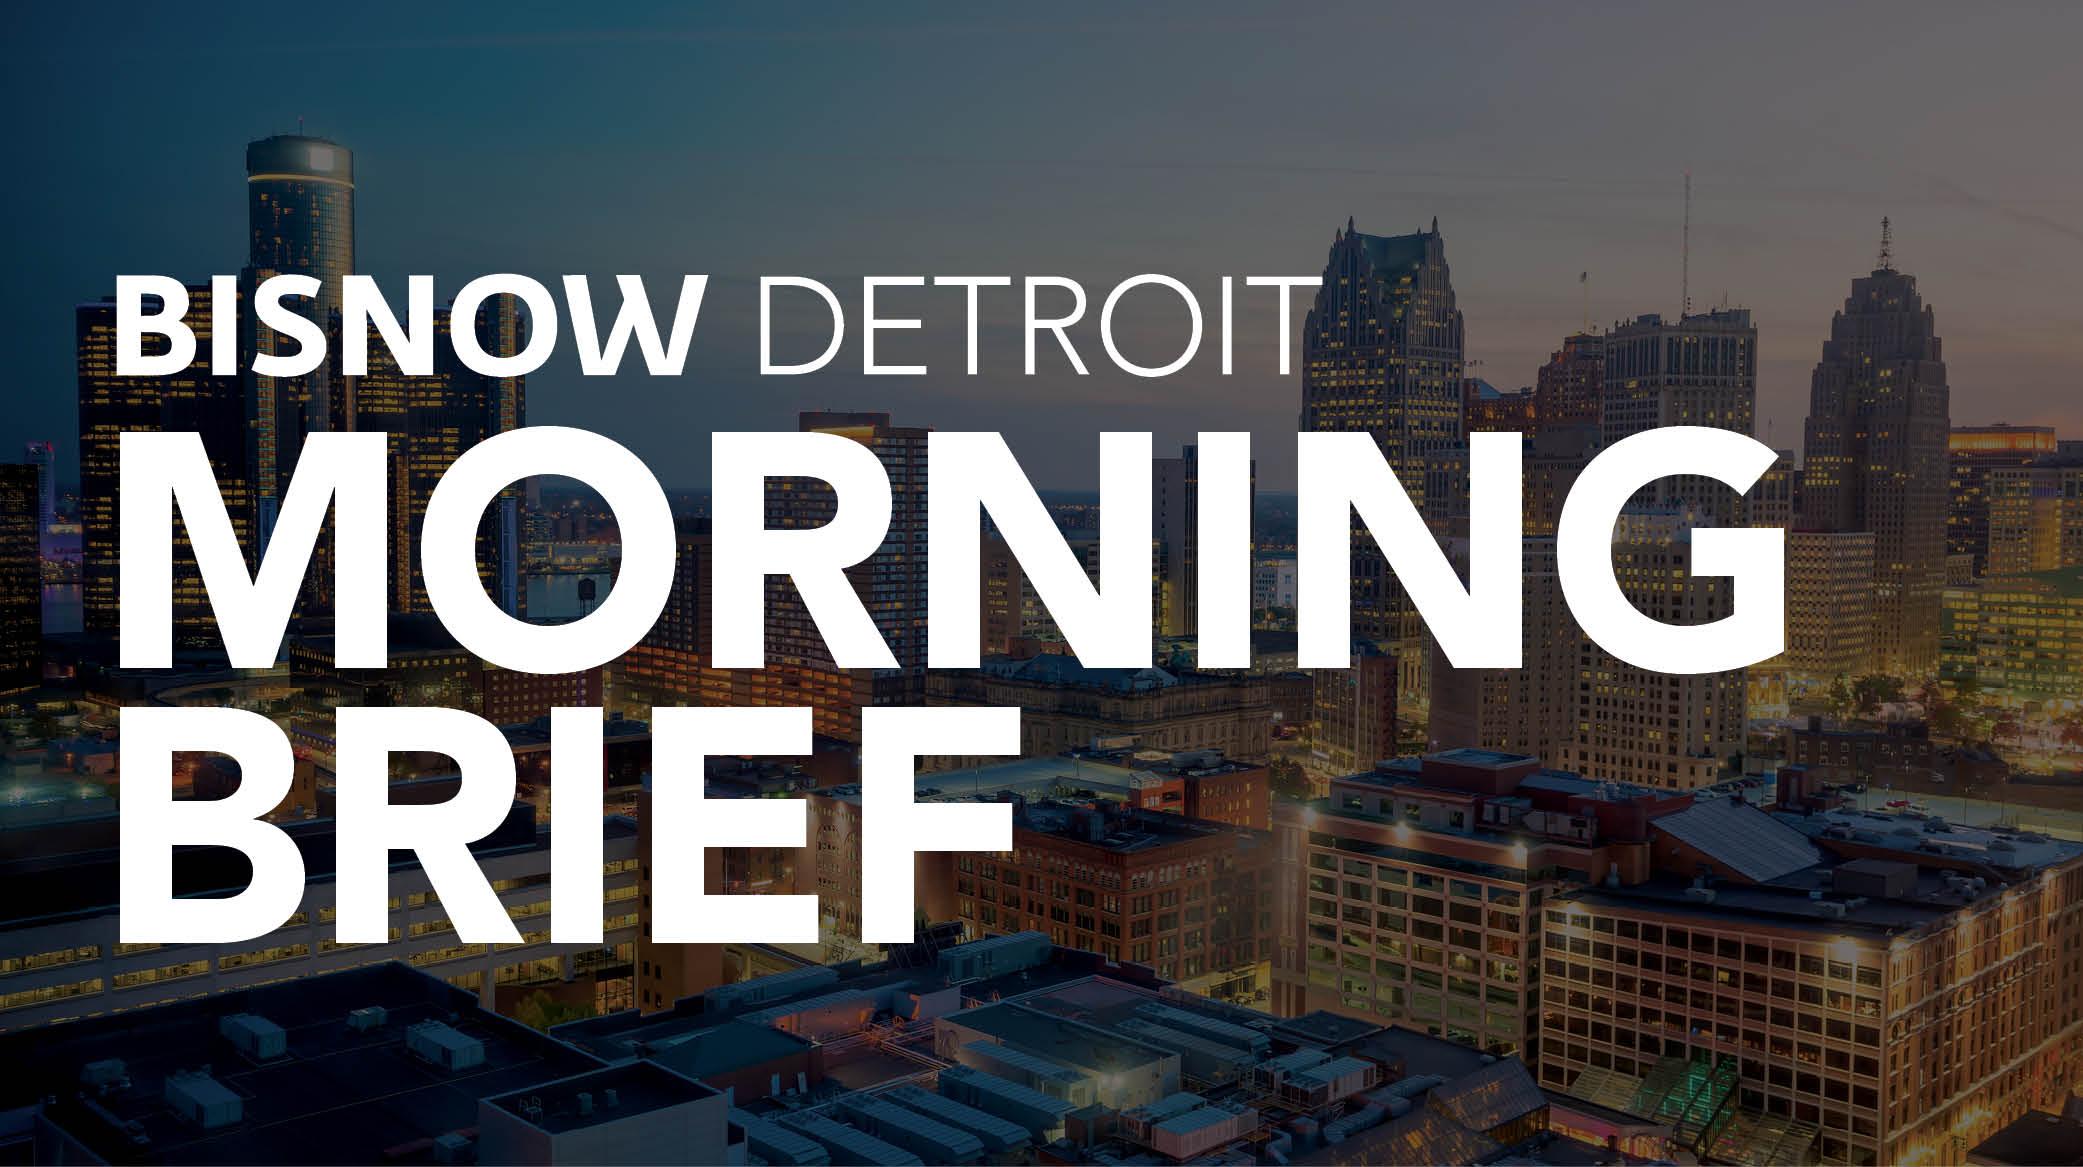 Bisnow Morning Brief Detroit